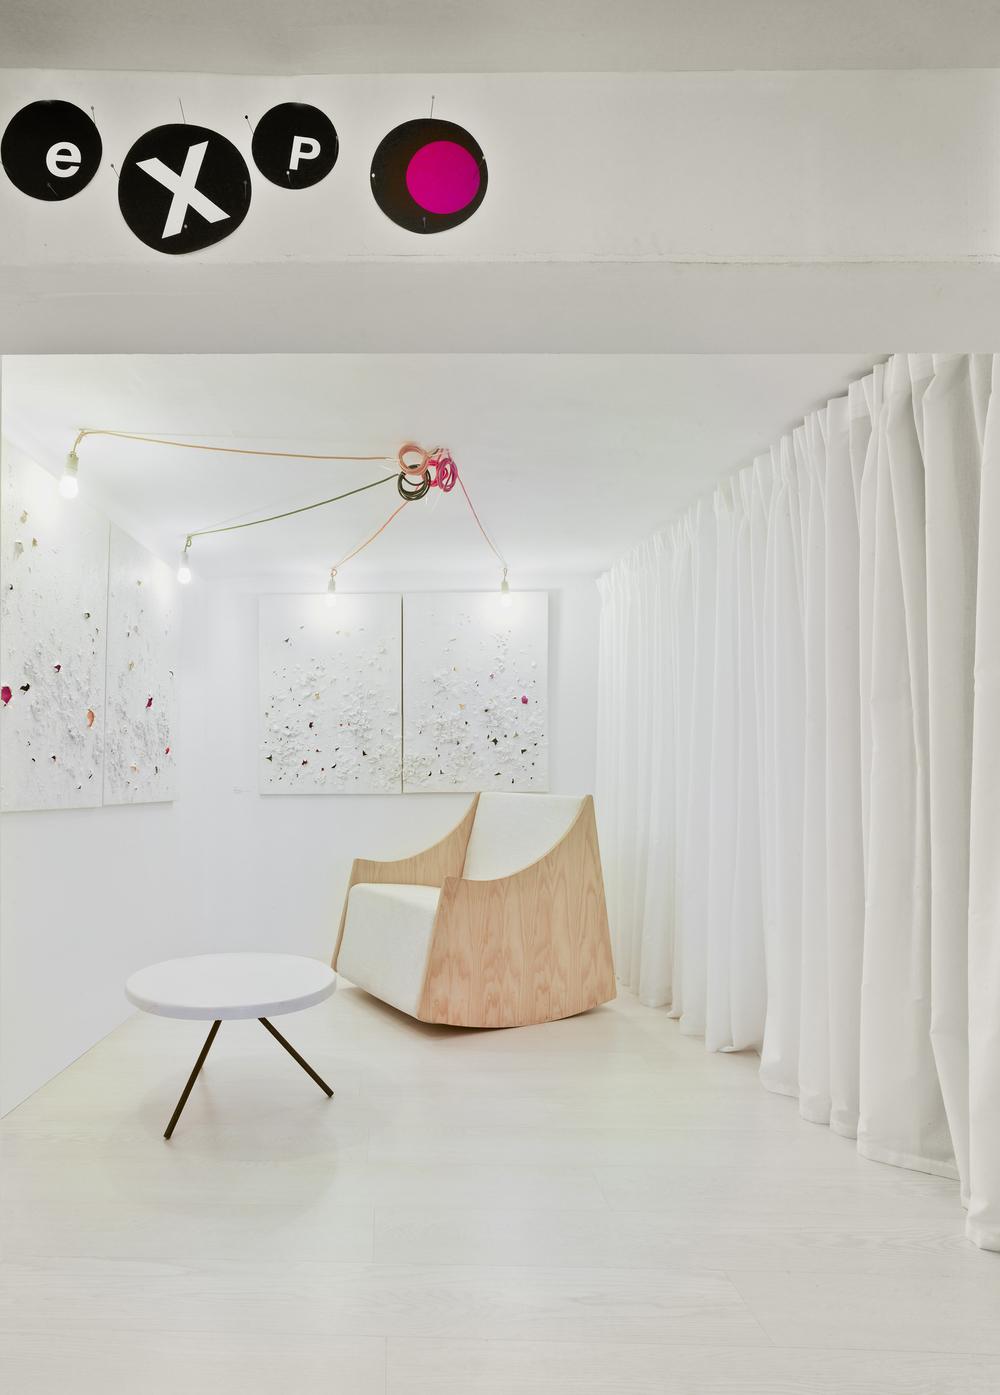 527986e0e8e44ef004000097_workshop-and-gallery-estudio-ji-arquitectos_10413_014dfr-ji.jpg